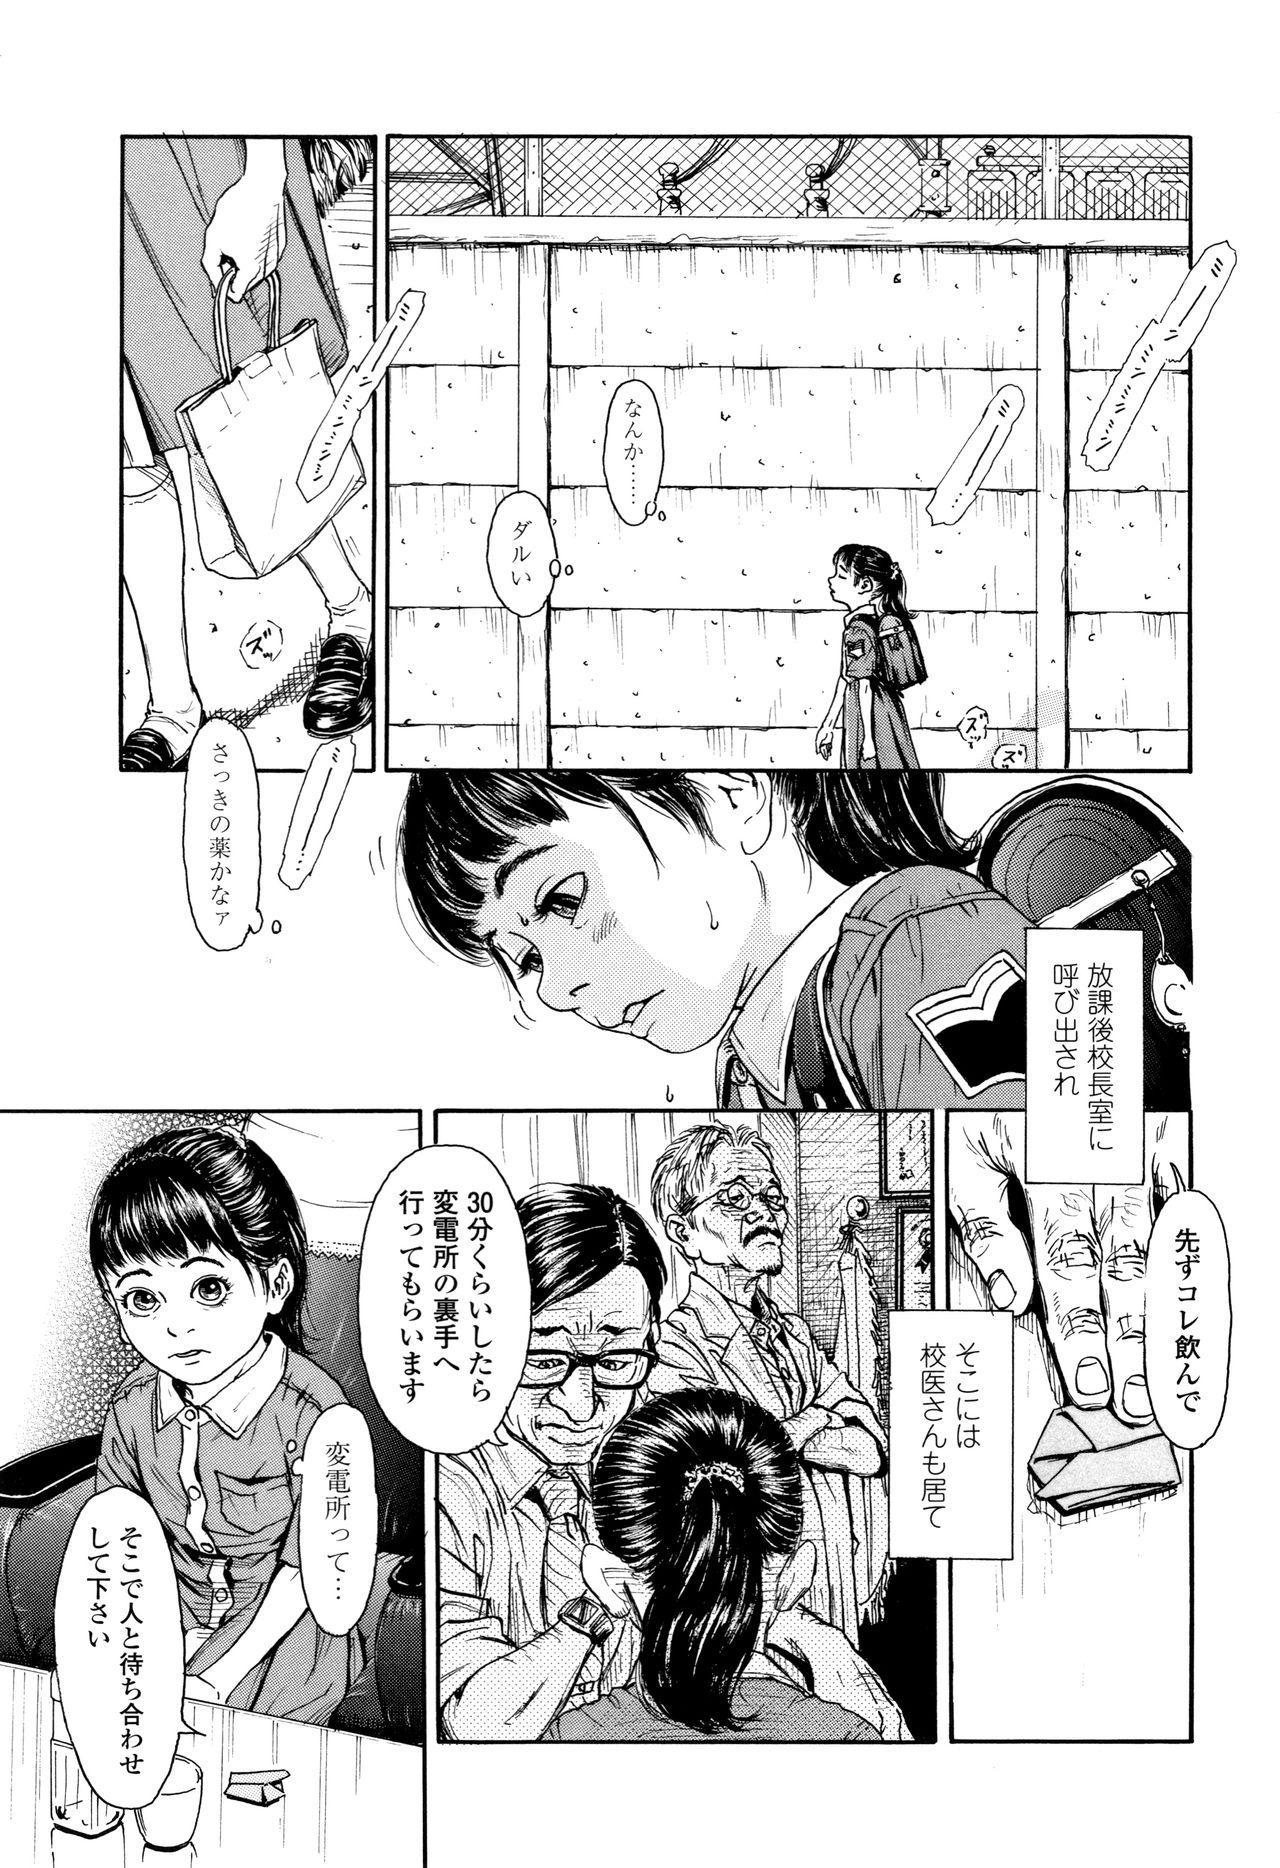 Chiisai Karada ni Shiroi Kage 9